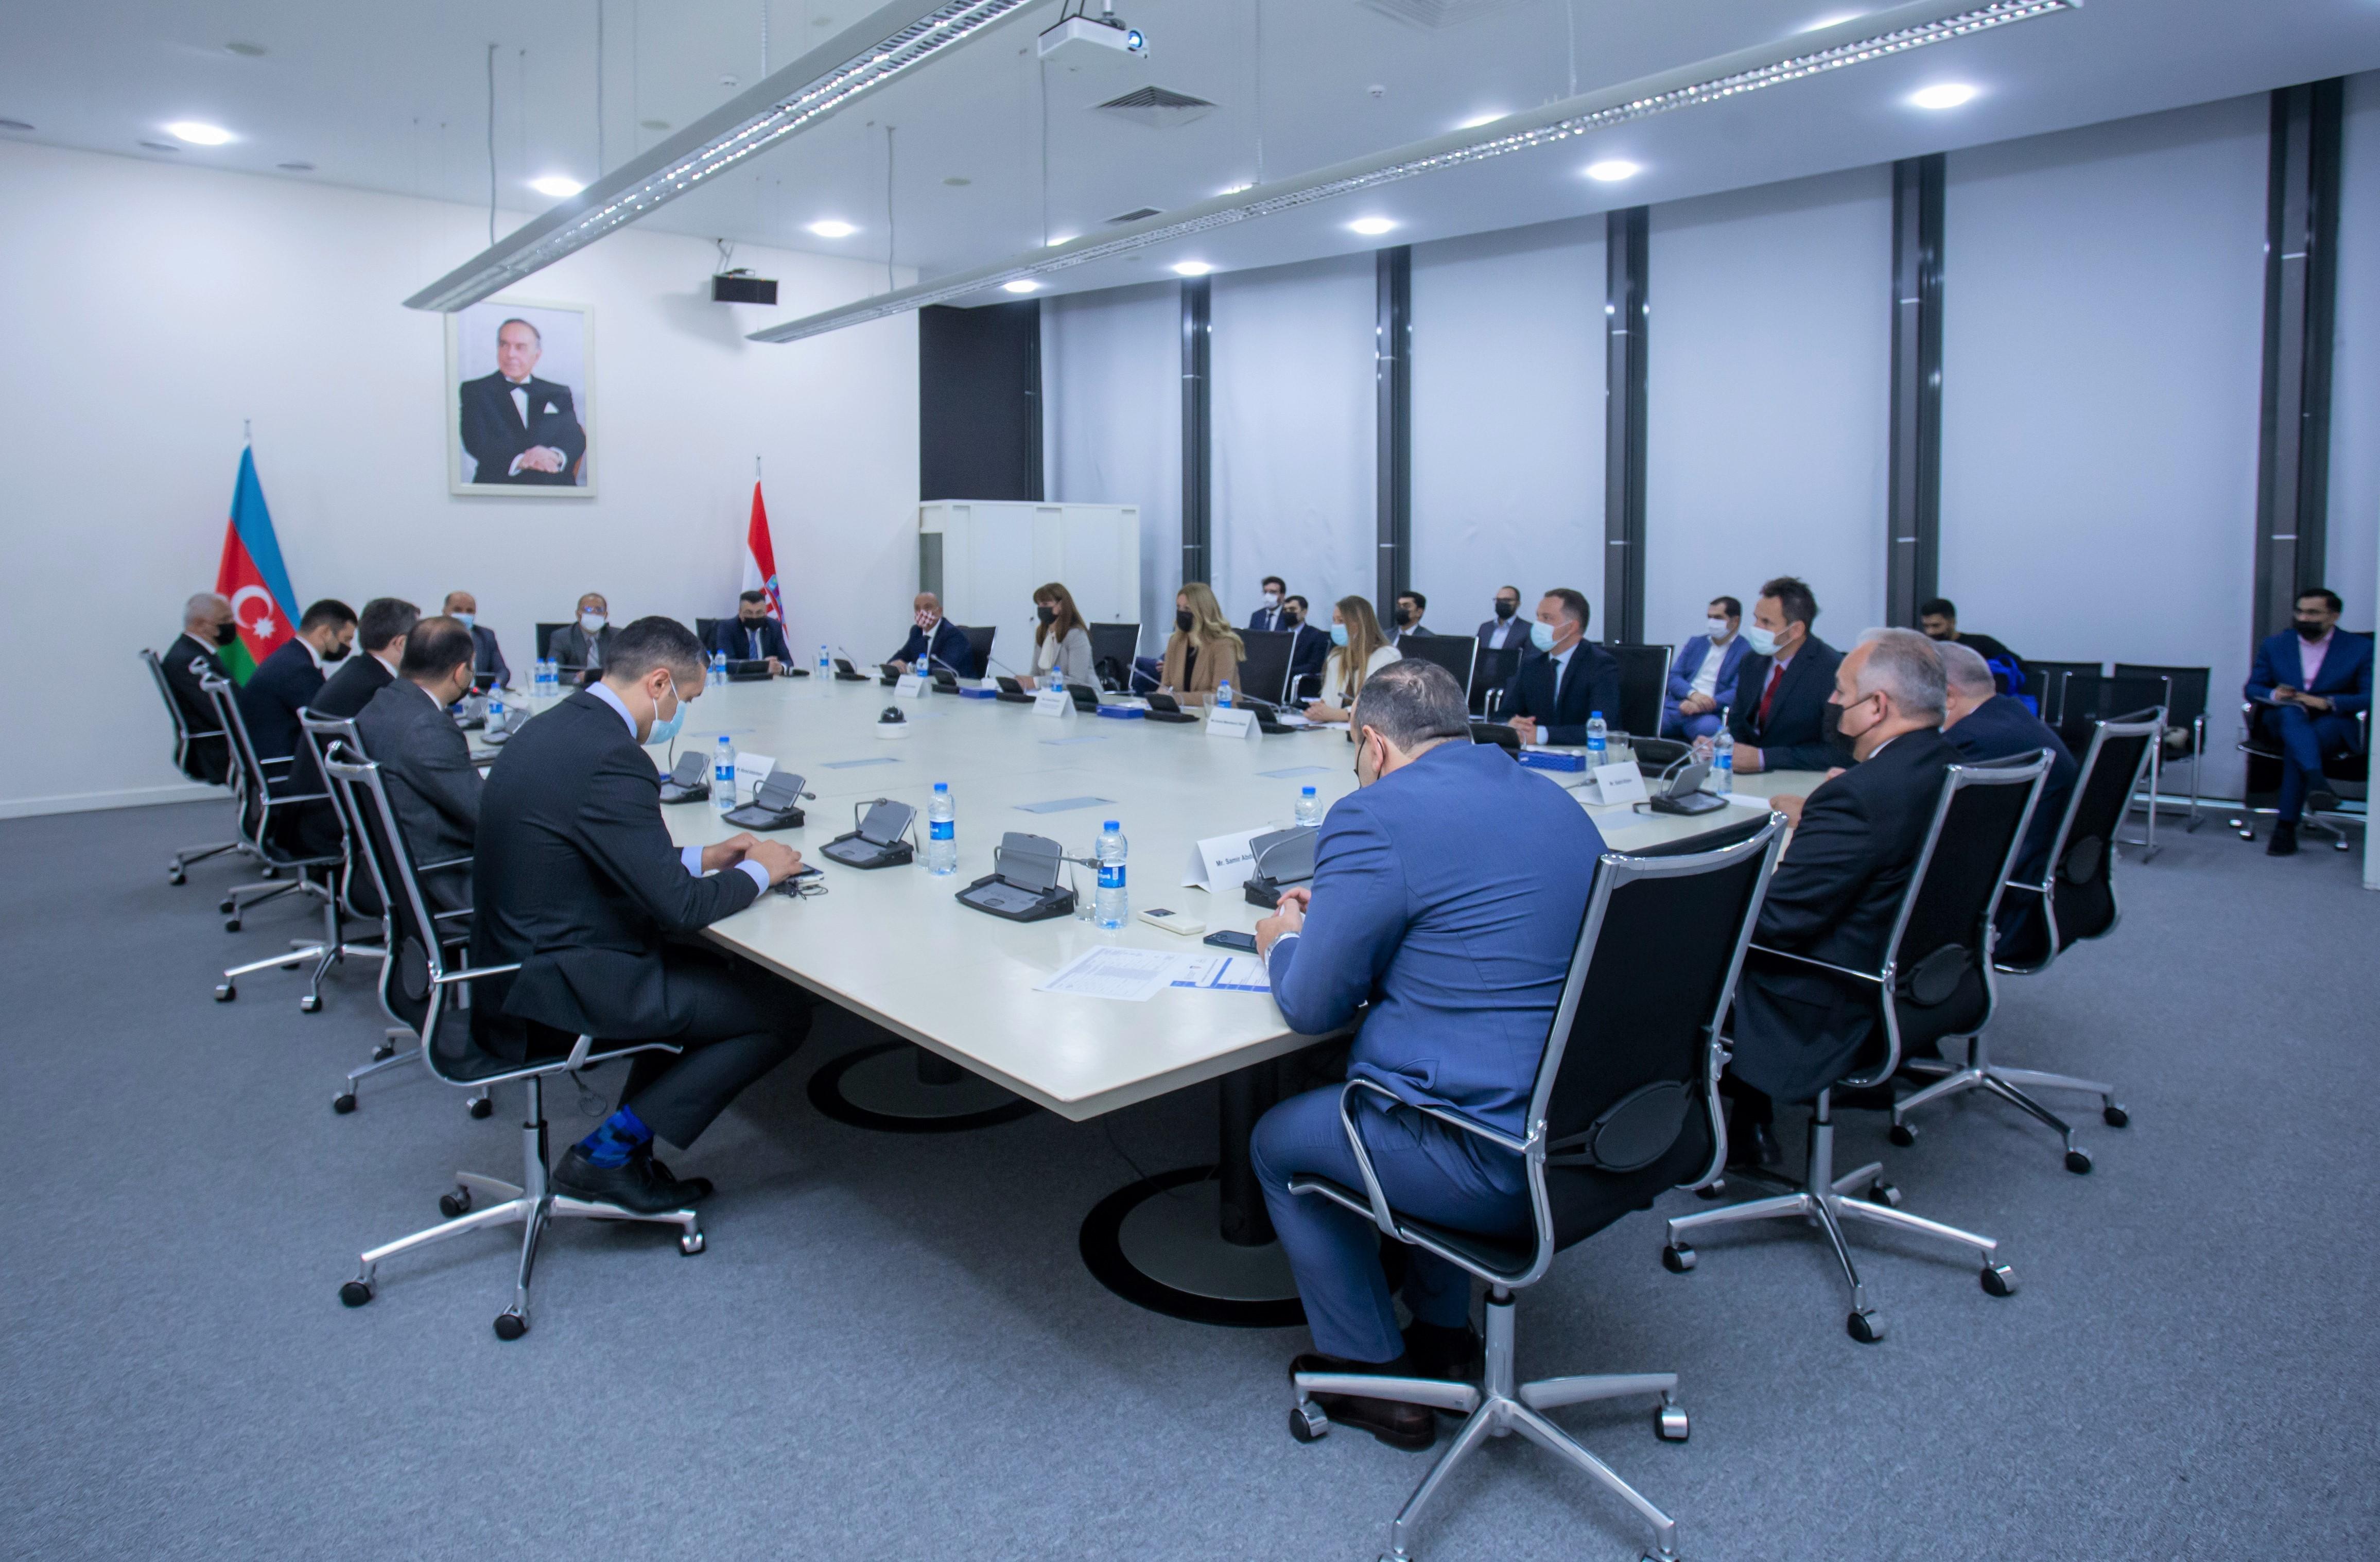 KOBİA Azərbaycan-Xorvatiya biznes forumunda iştirak edib